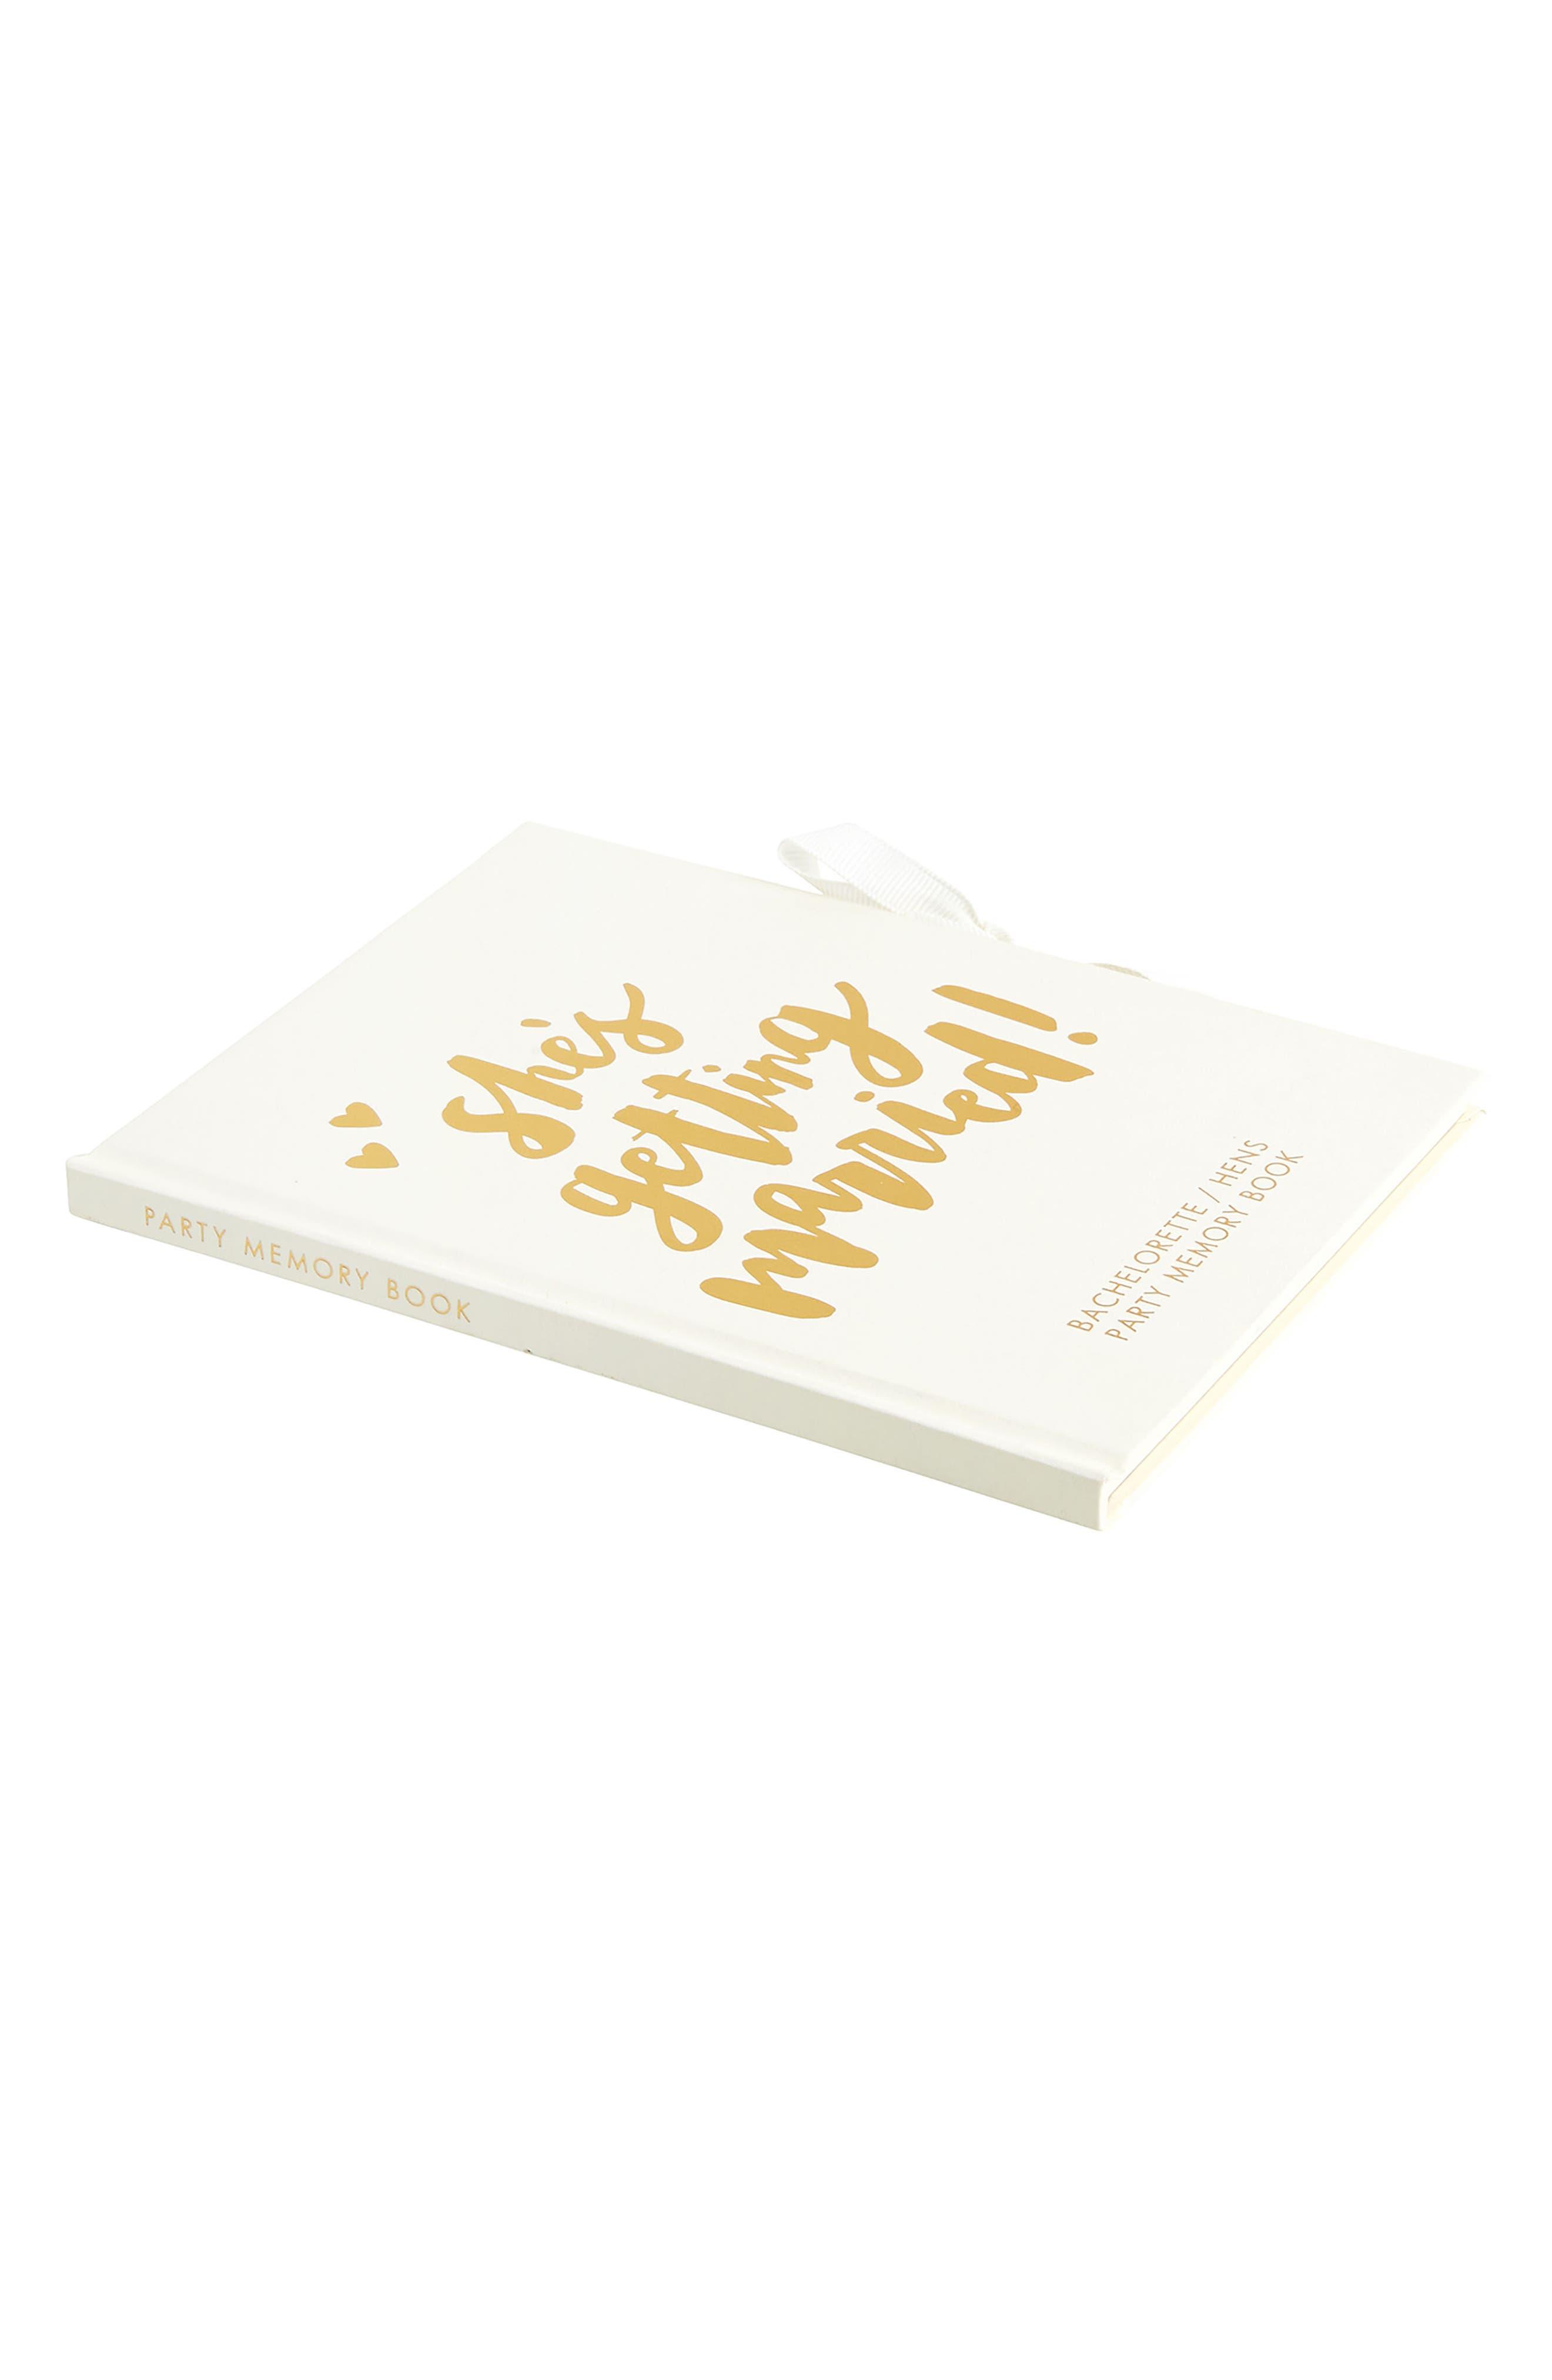 Hardcover Always & Forever Bachelorette Memory Book,                             Alternate thumbnail 4, color,                             White